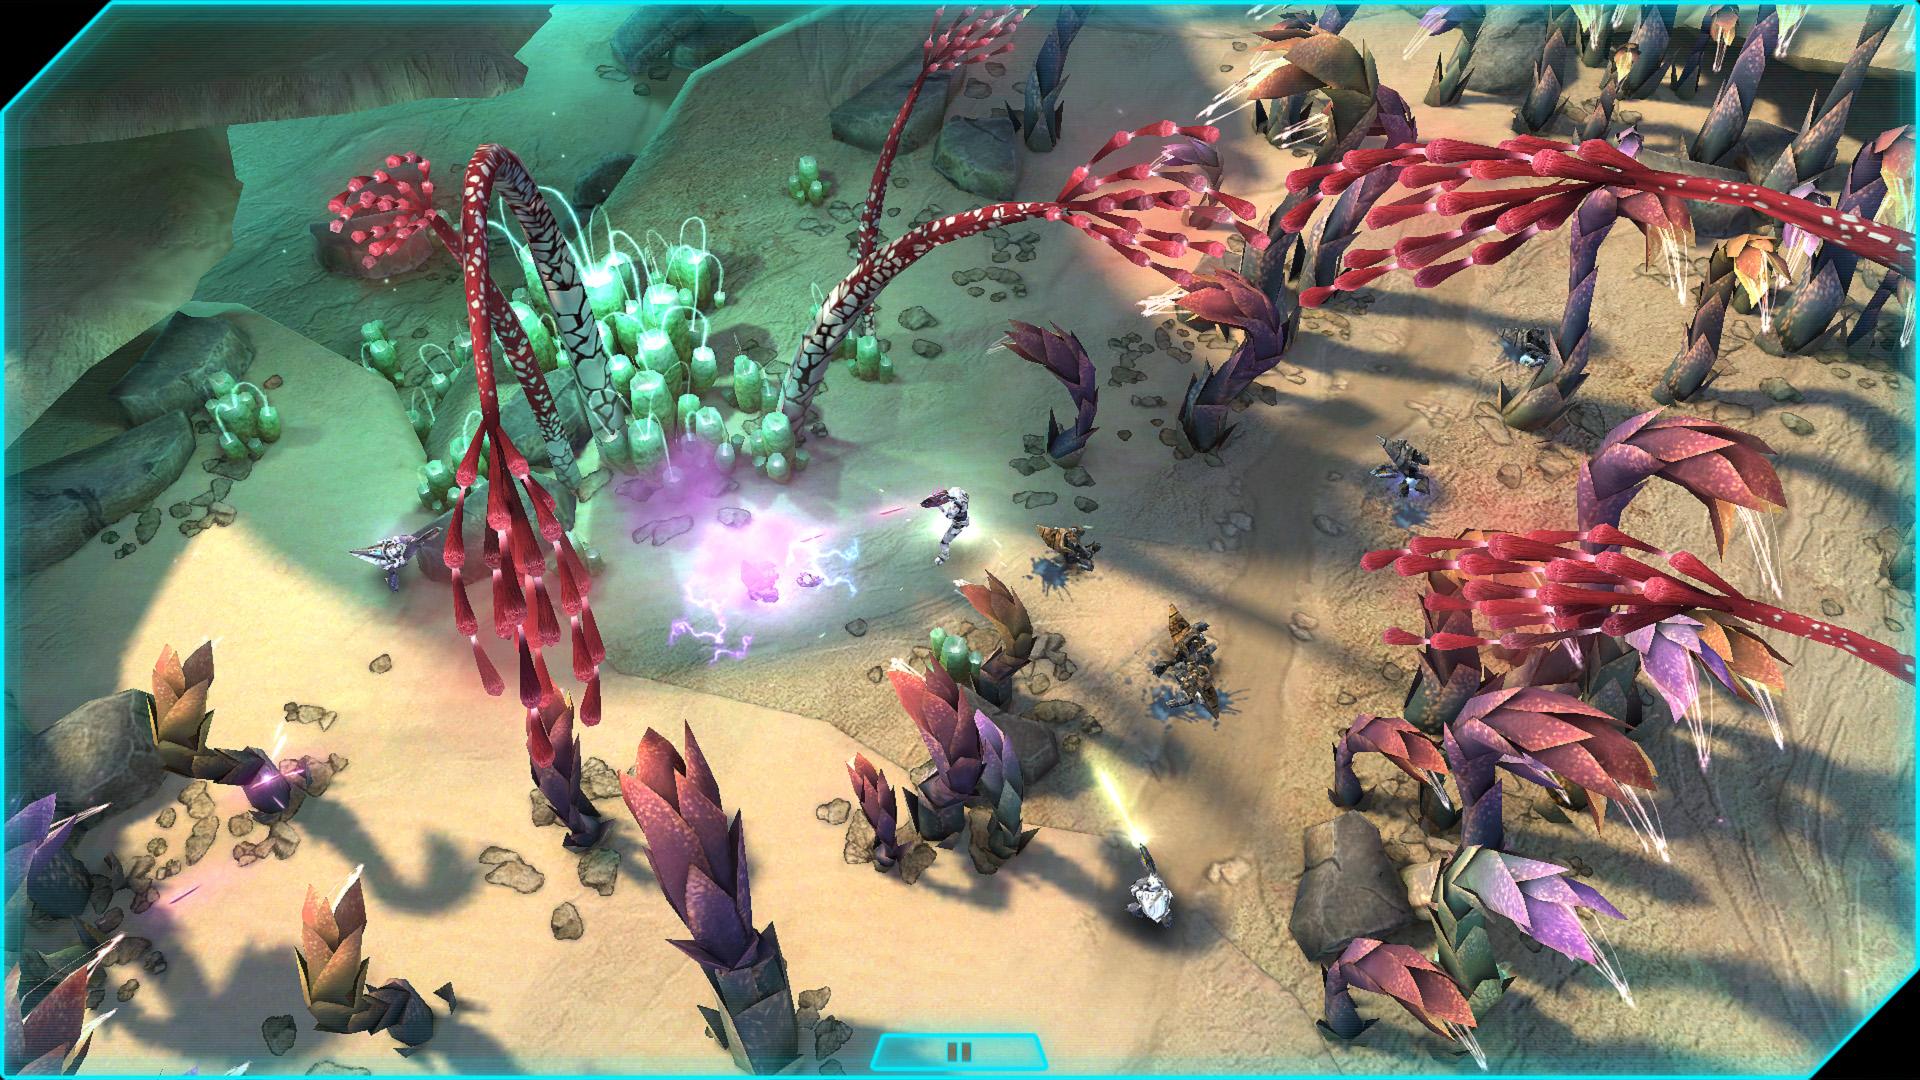 1370353418-halo-spartan-assault-screenshot-alien-forest